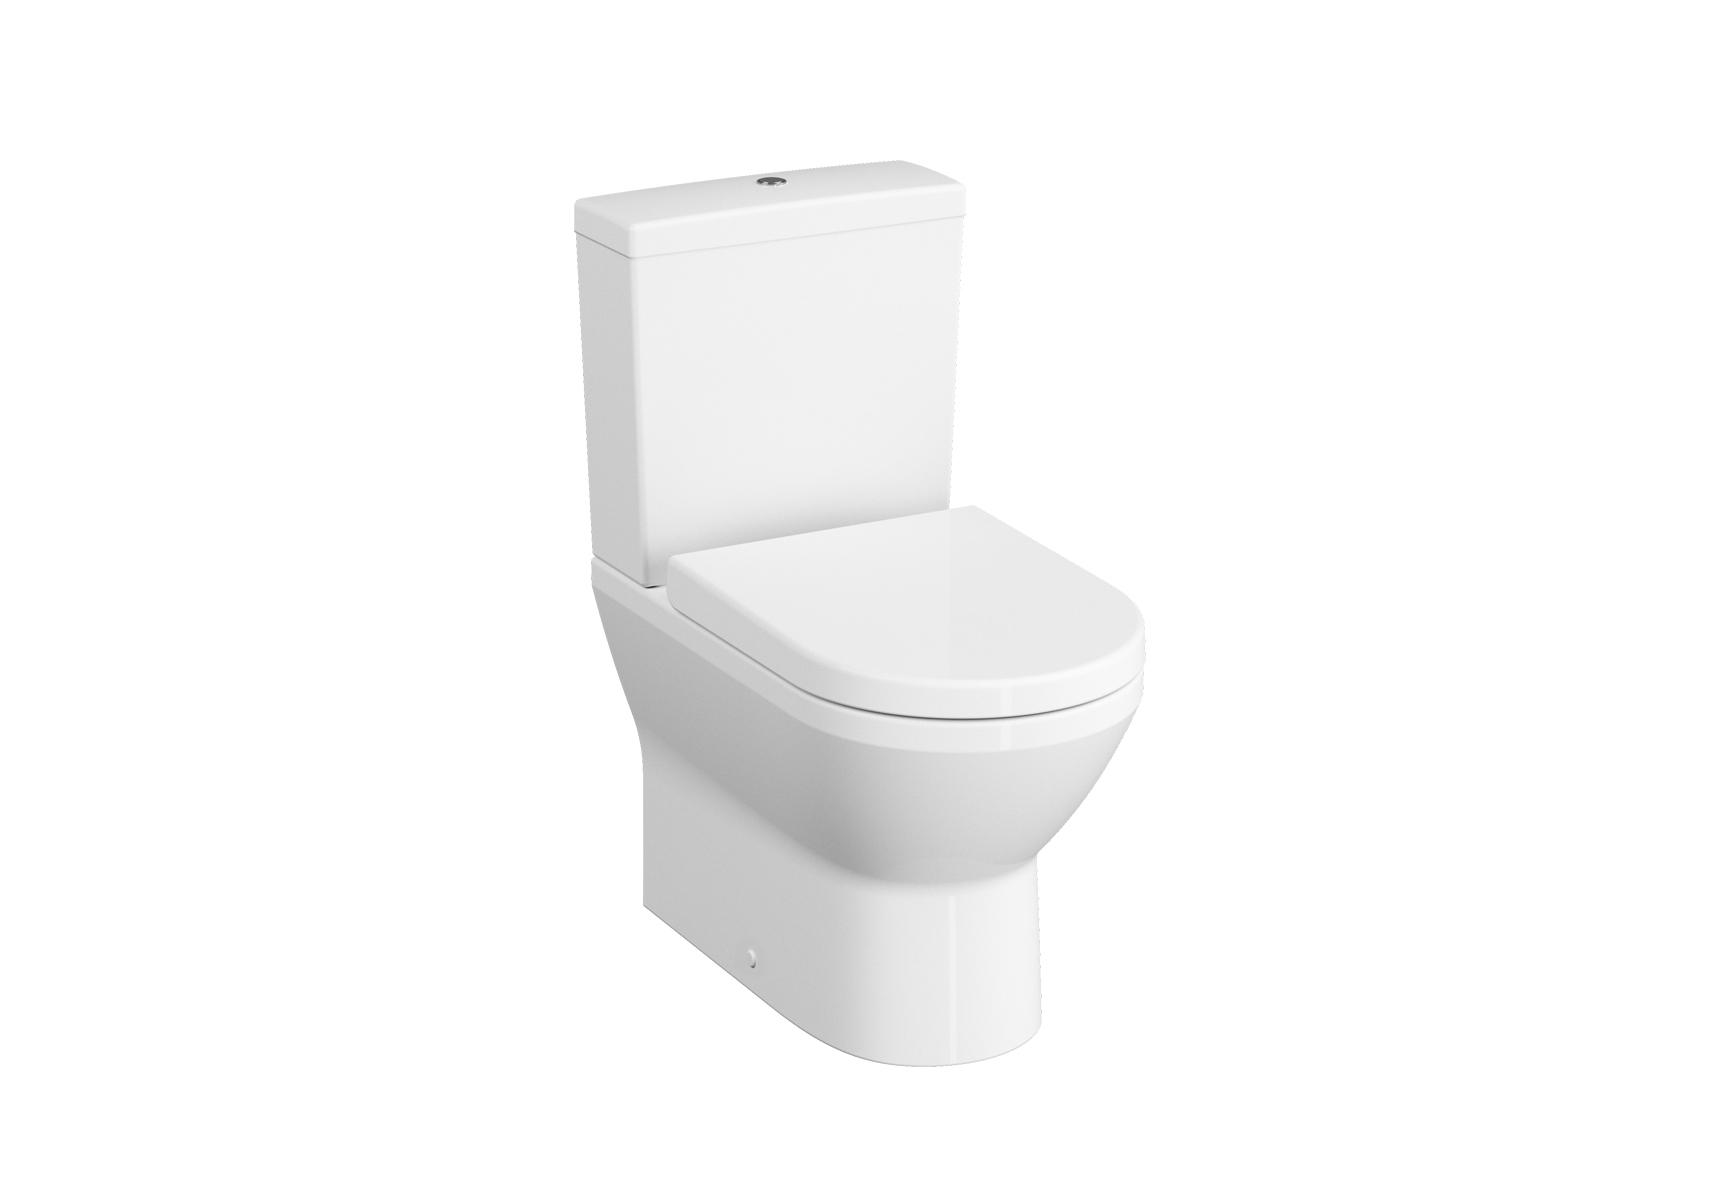 Integra WC BTW sans bride, 54 cm, sans trous latéraux